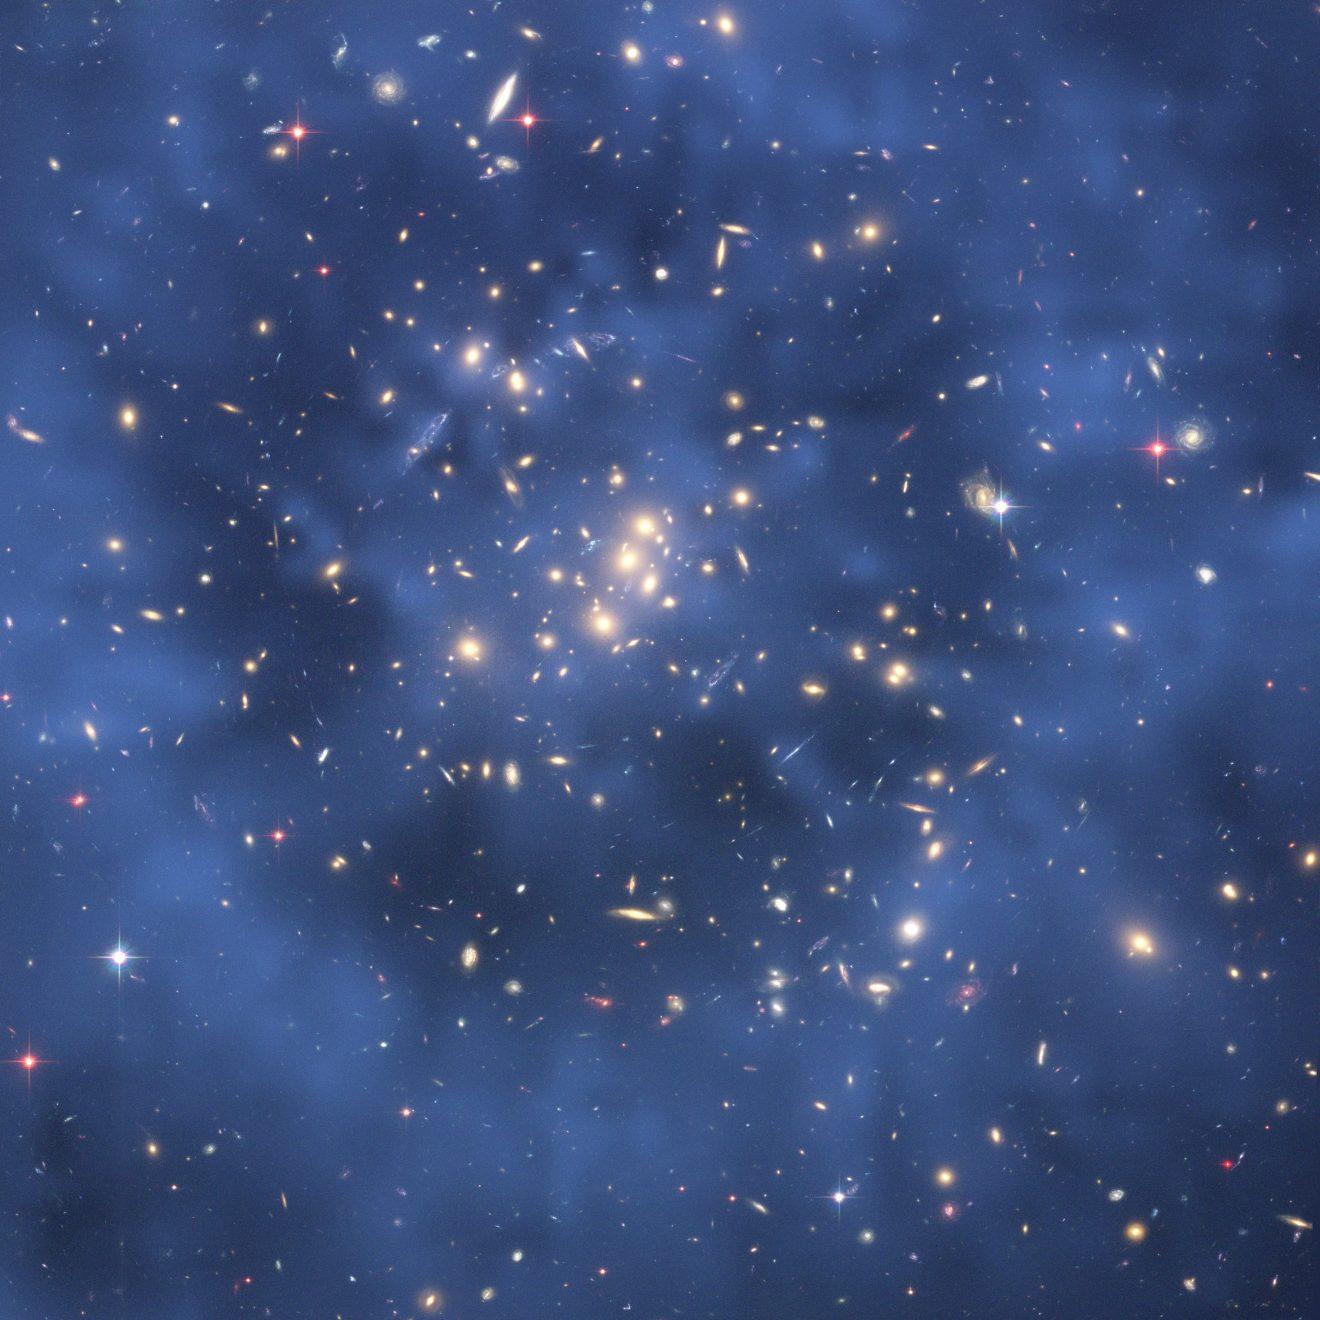 Přes snímek z Hubbleova kosmického dalekohledu byl vložen modrý obraz naměřeného prstencového rozložení Skryté hmoty kolem středu kupy galaxií CL0024+17. Kredit: NASA, ESA, M.J. Jee a H. Ford (Johns Hopkins University).